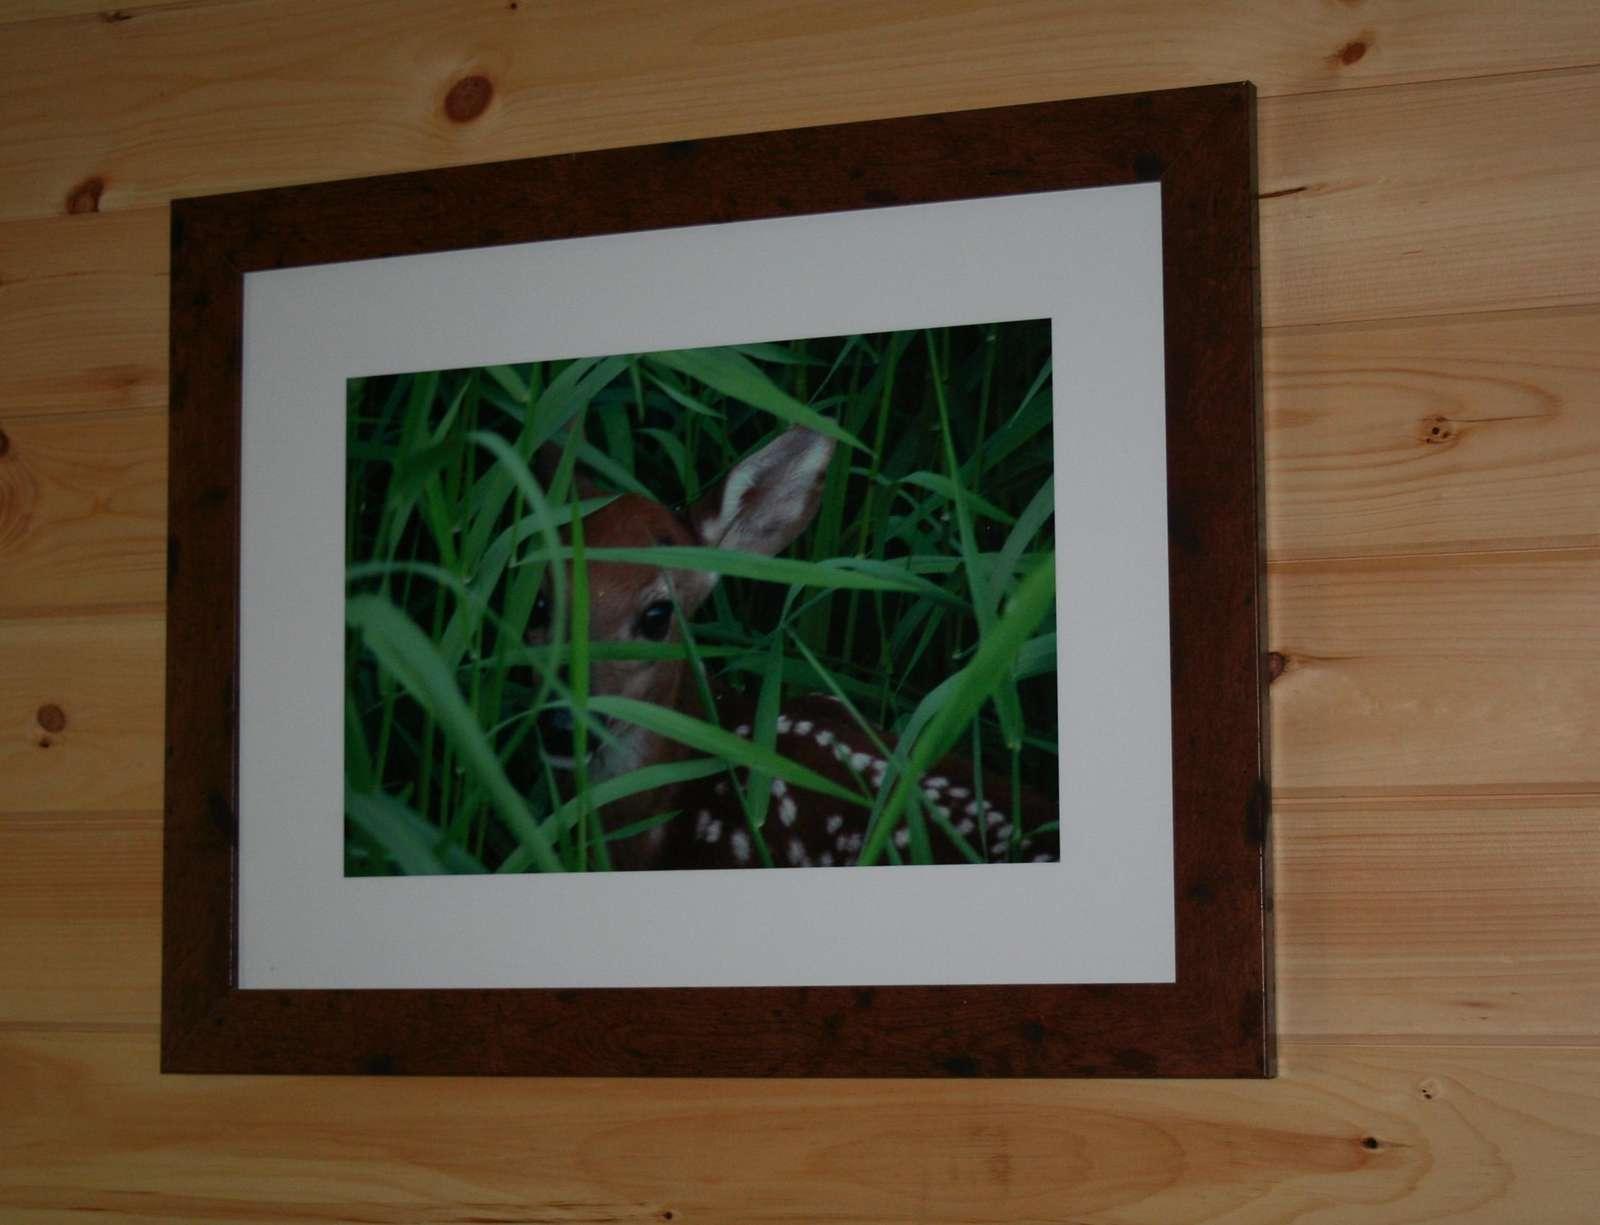 Deer Photo on Wall in 3rd Bedroom